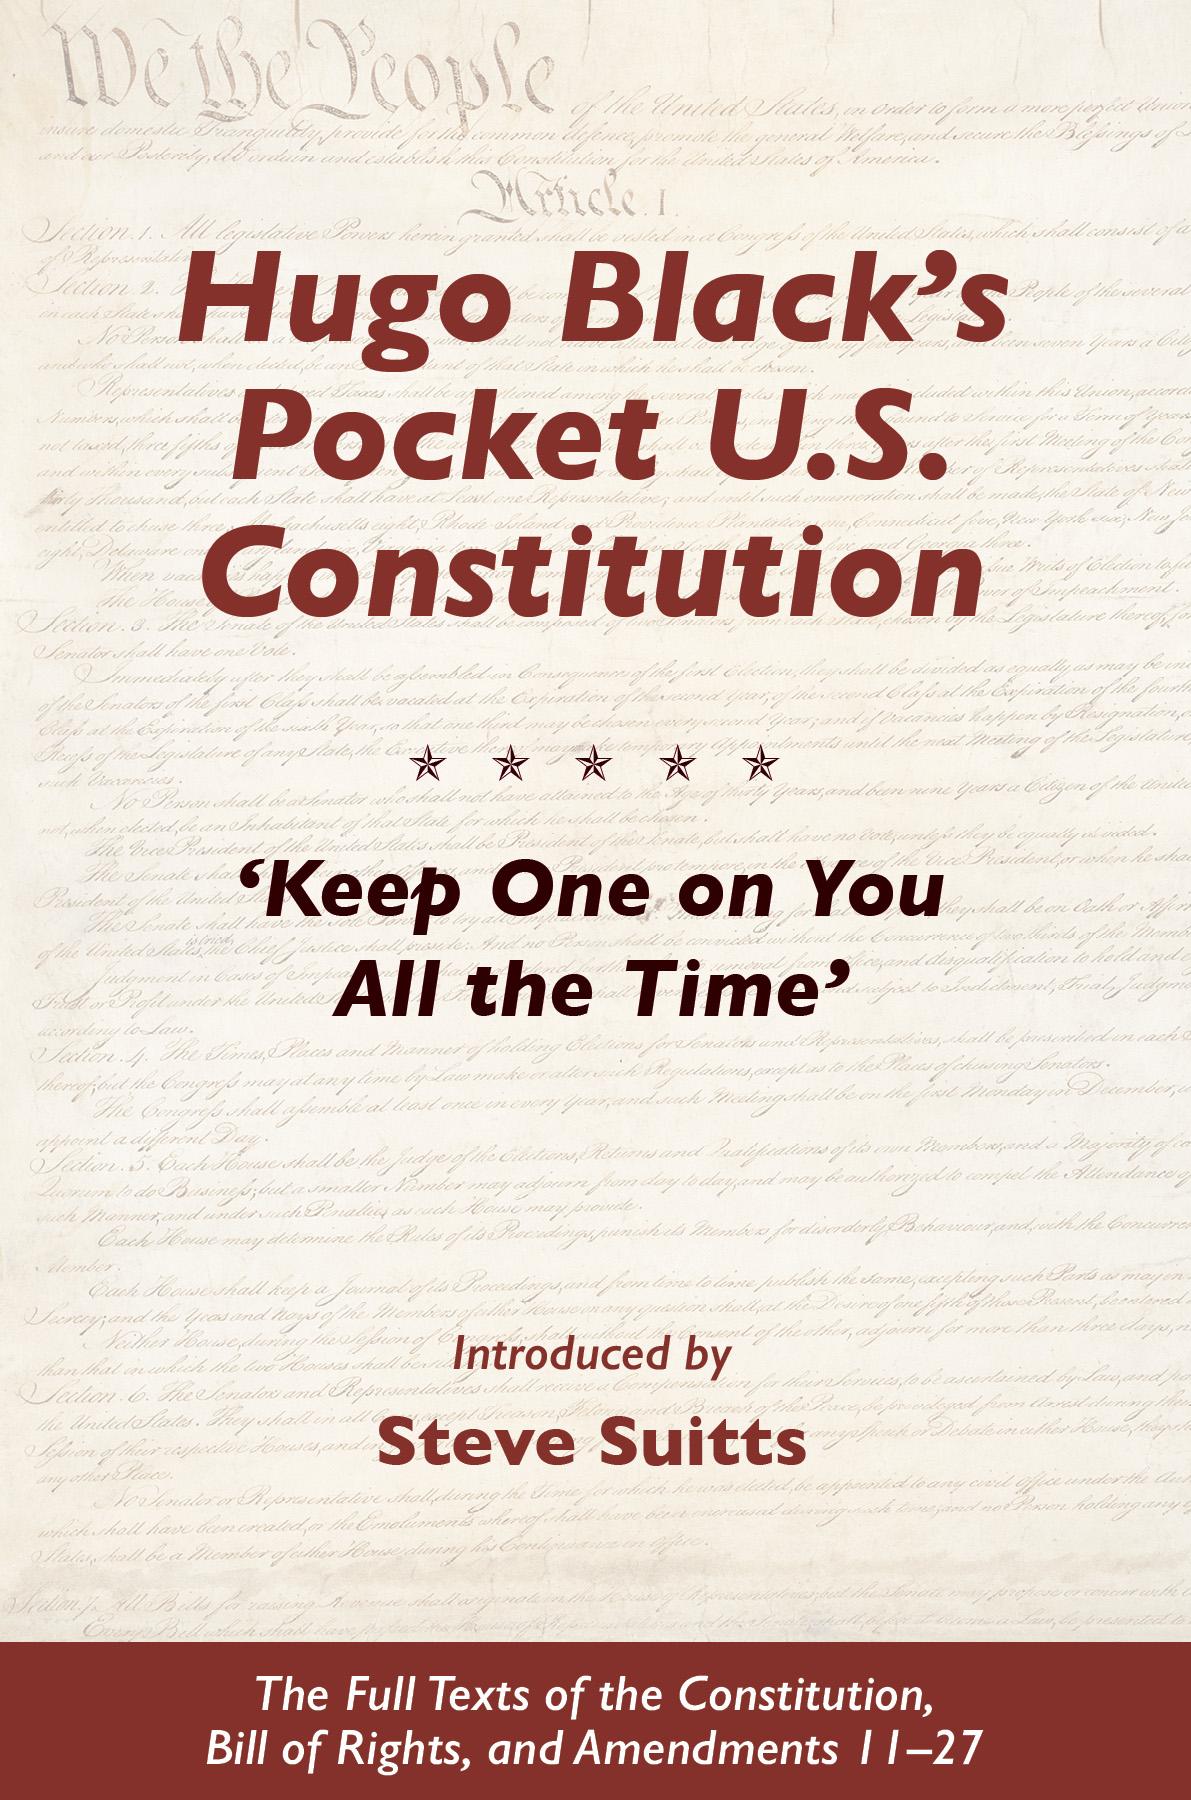 Hugo Black's Pocket U.S. Constitution